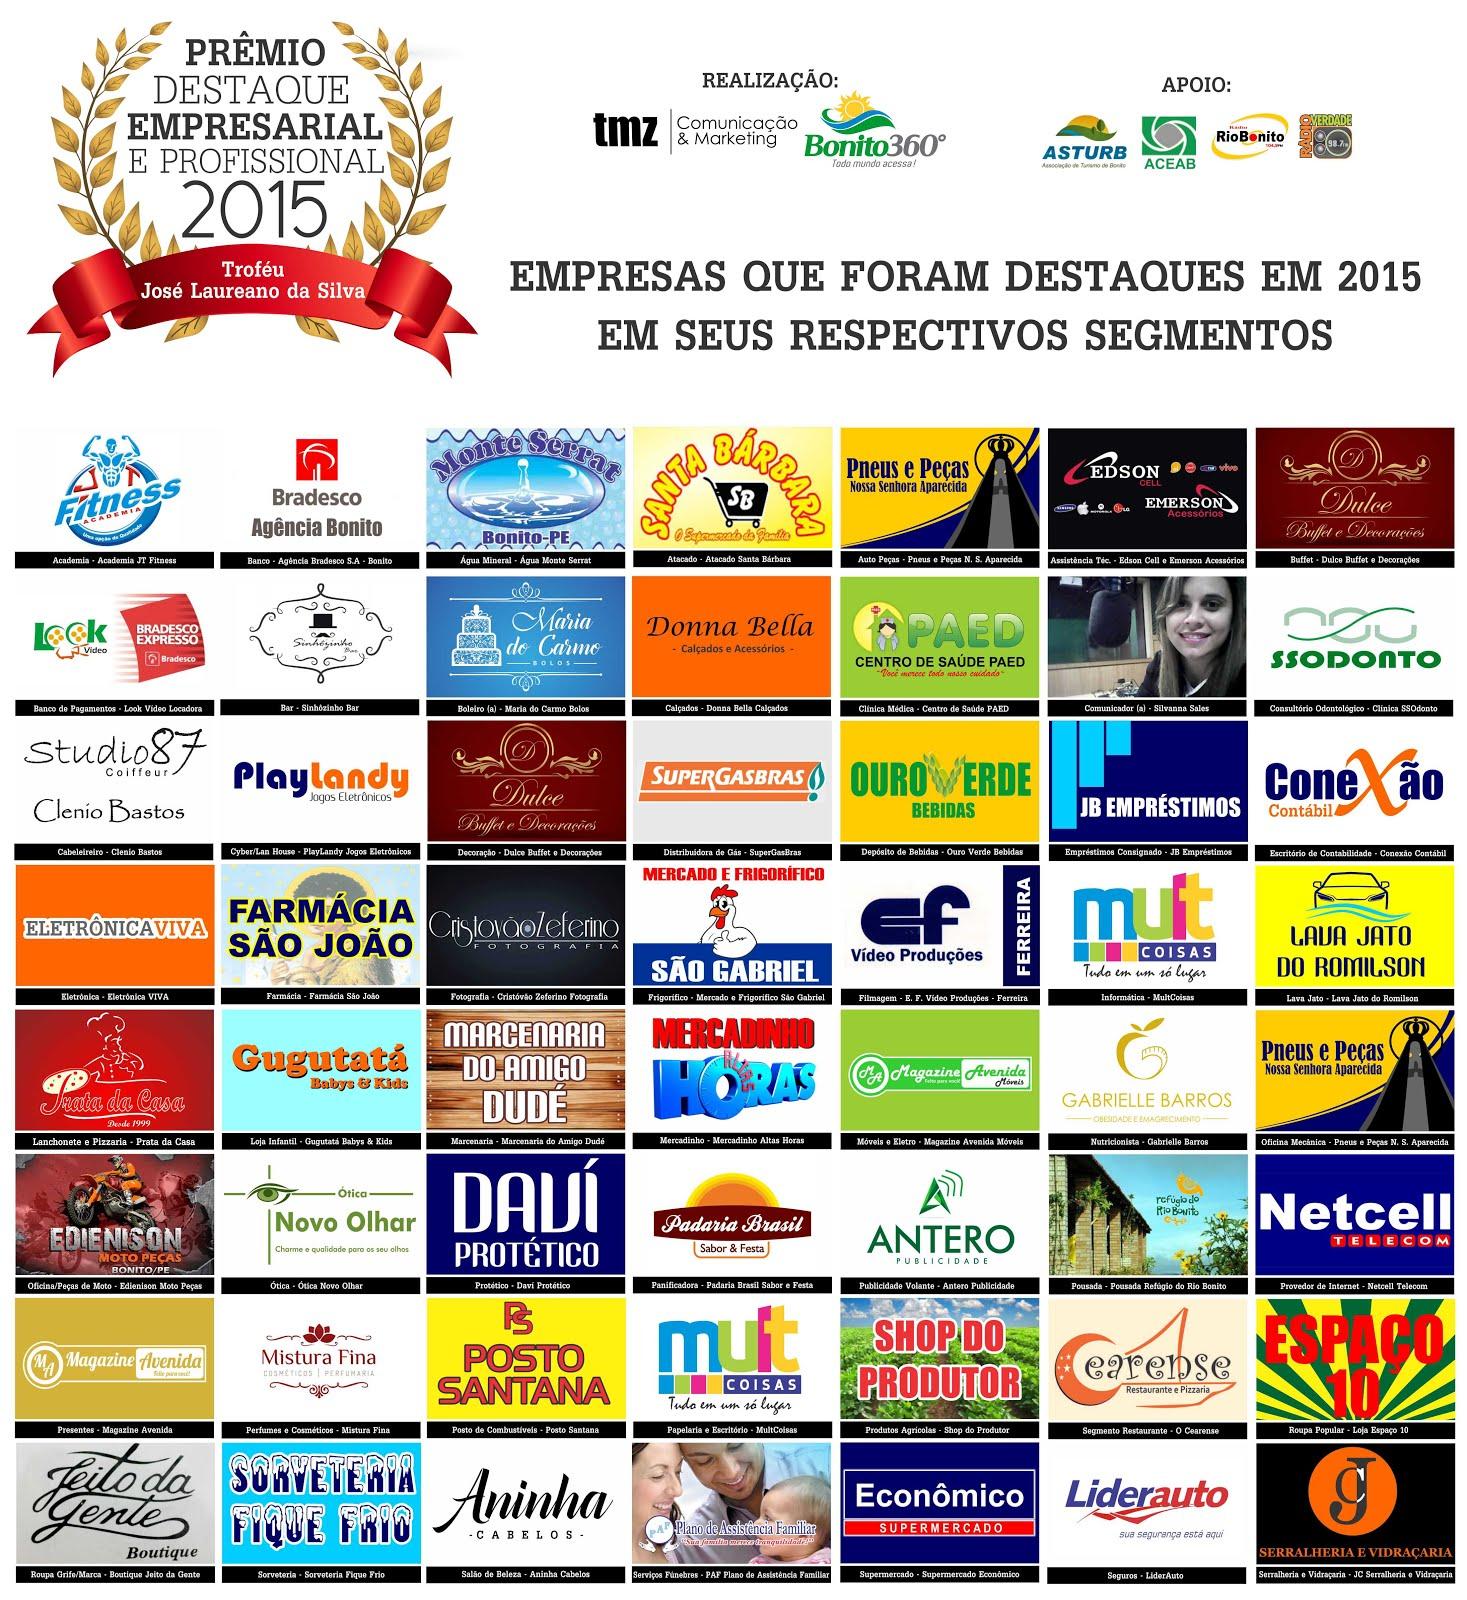 Prêmio Destaque Empresarial e Profissional 2015 - Bonito360graus e TMZ Comunicação